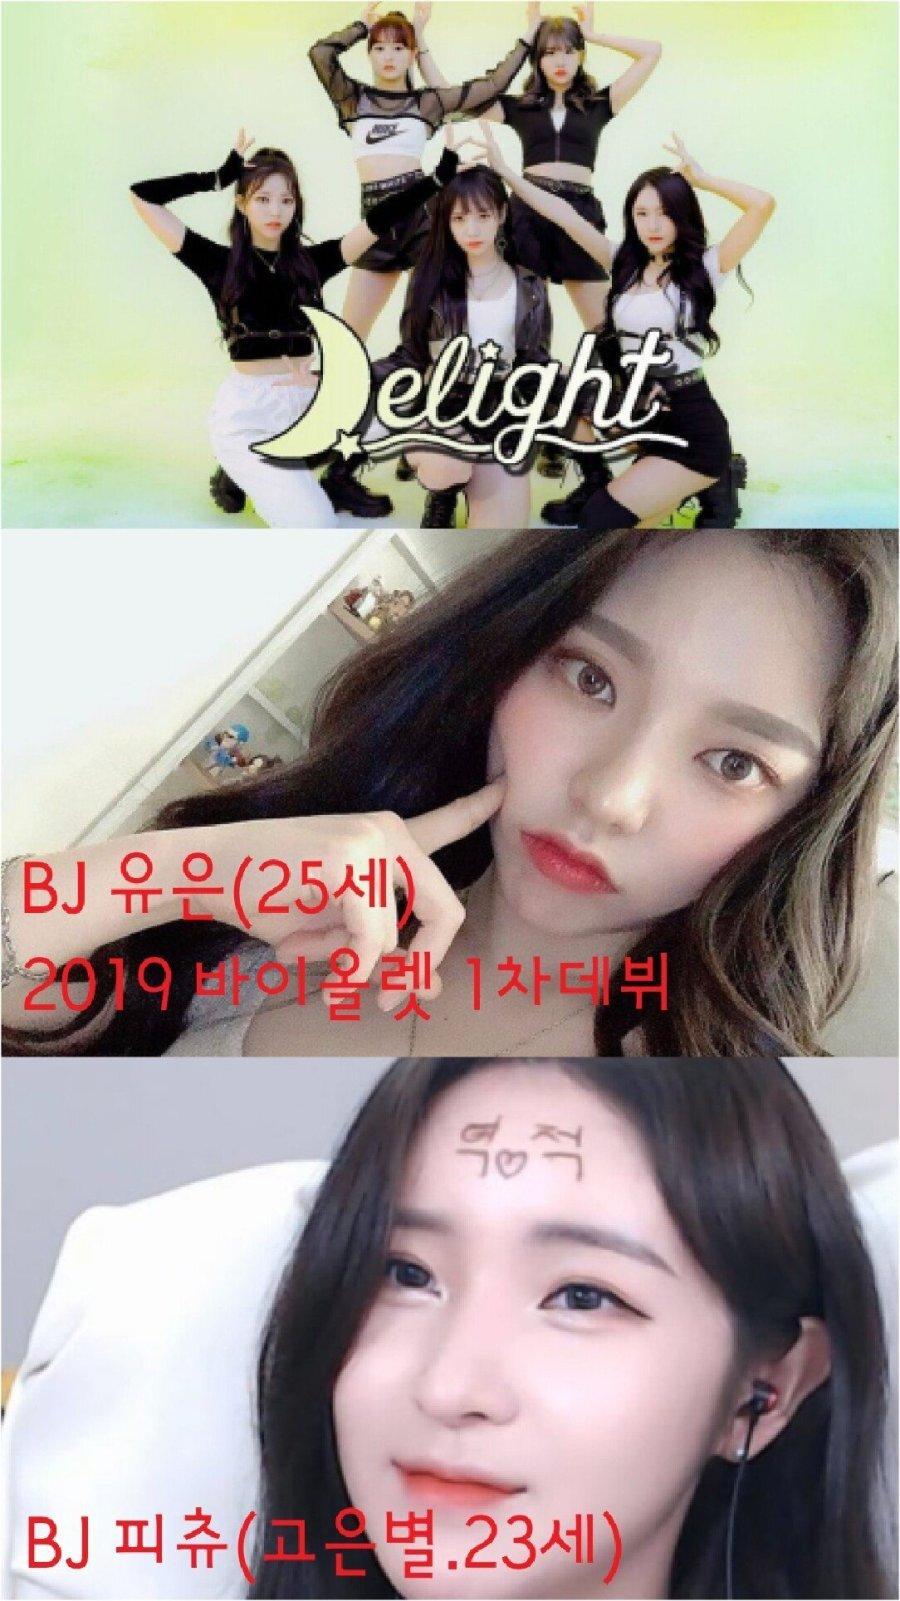 제2호 BJ 걸그룹 딜라이트 멤버 (데뷔 예정)